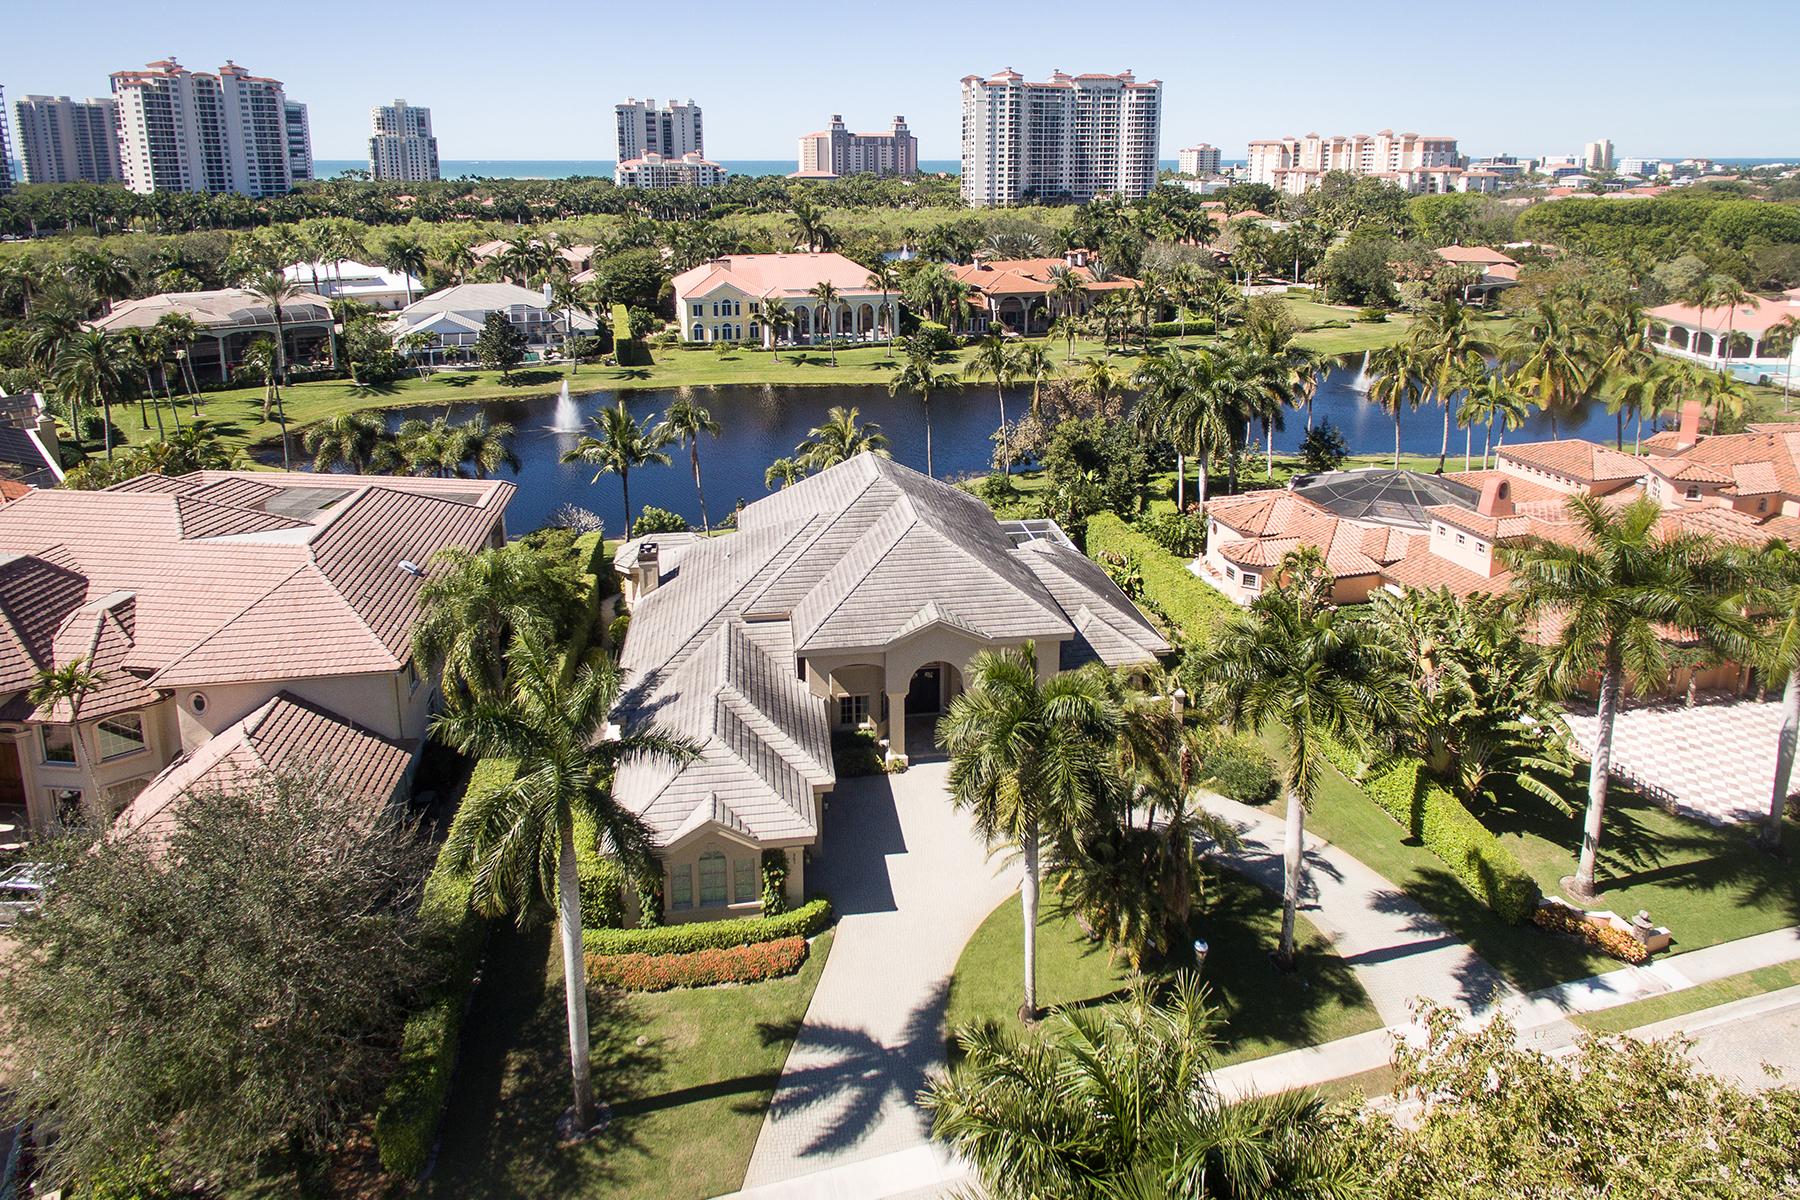 Villa per Vendita alle ore PELICAN BAY - BAY COLONY SHORES 367 Colony Dr Naples, Florida, 34108 Stati Uniti